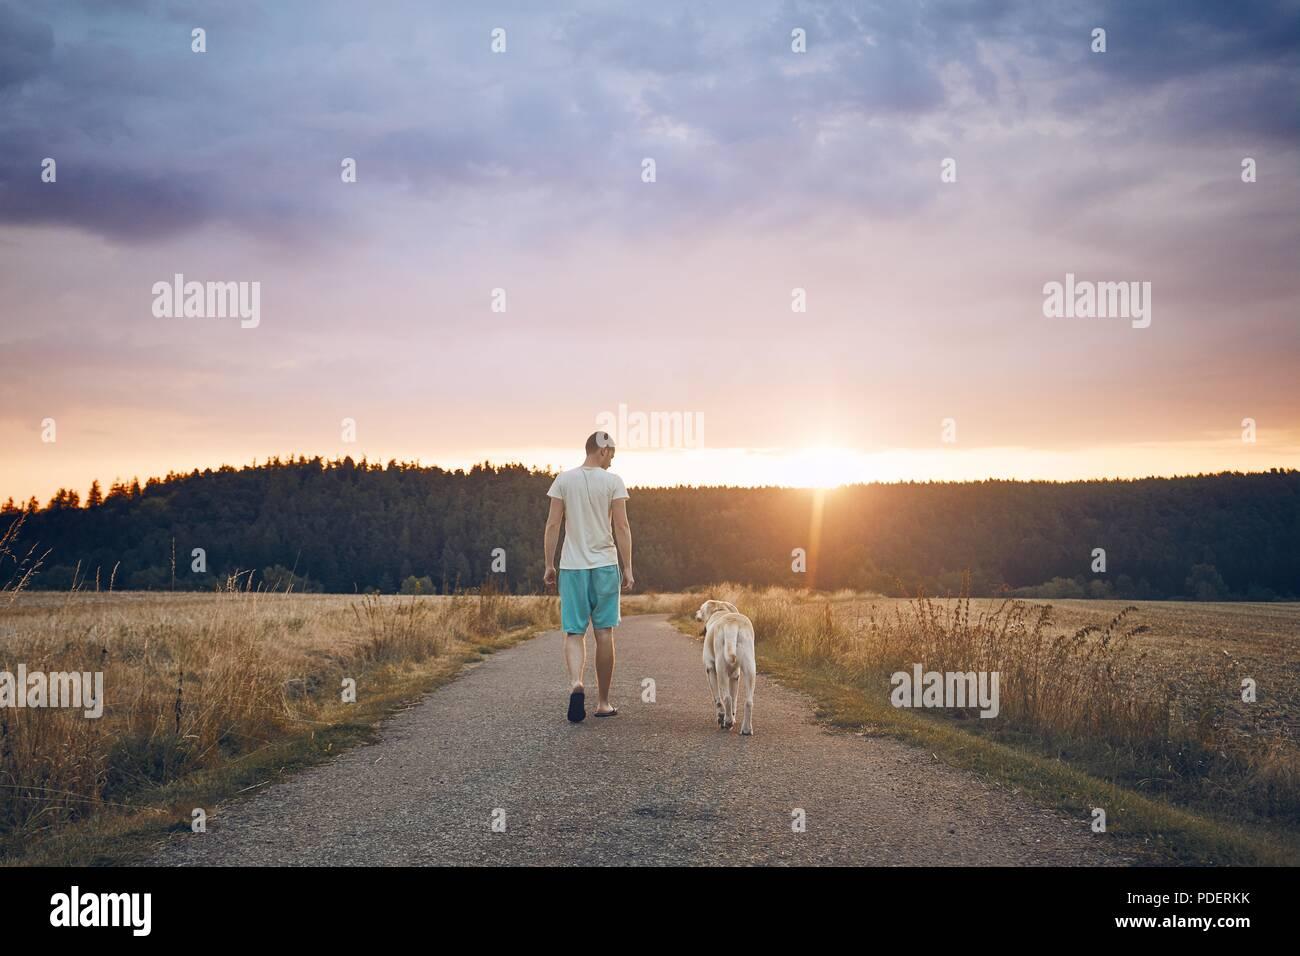 Rückansicht des jungen Mann mit seinem Hund (Labrador Retriever) auf der Landstraße bei Sonnenuntergang. Stockbild